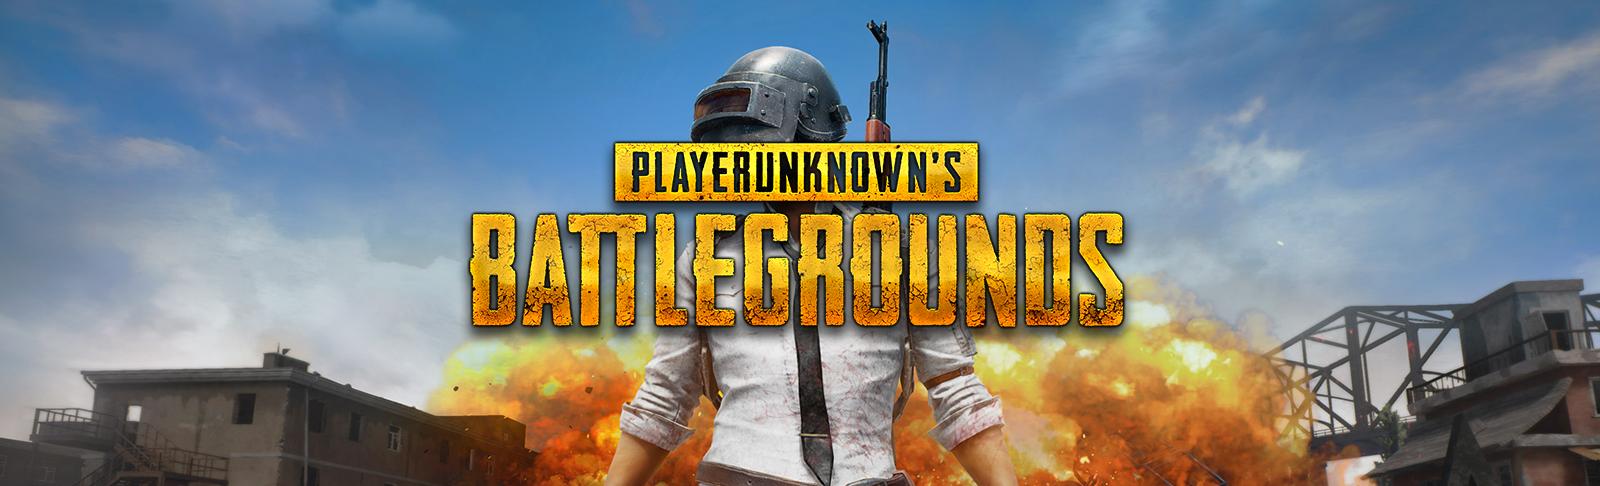 PlayerUnknown's Battlegrounds -joukkue julki